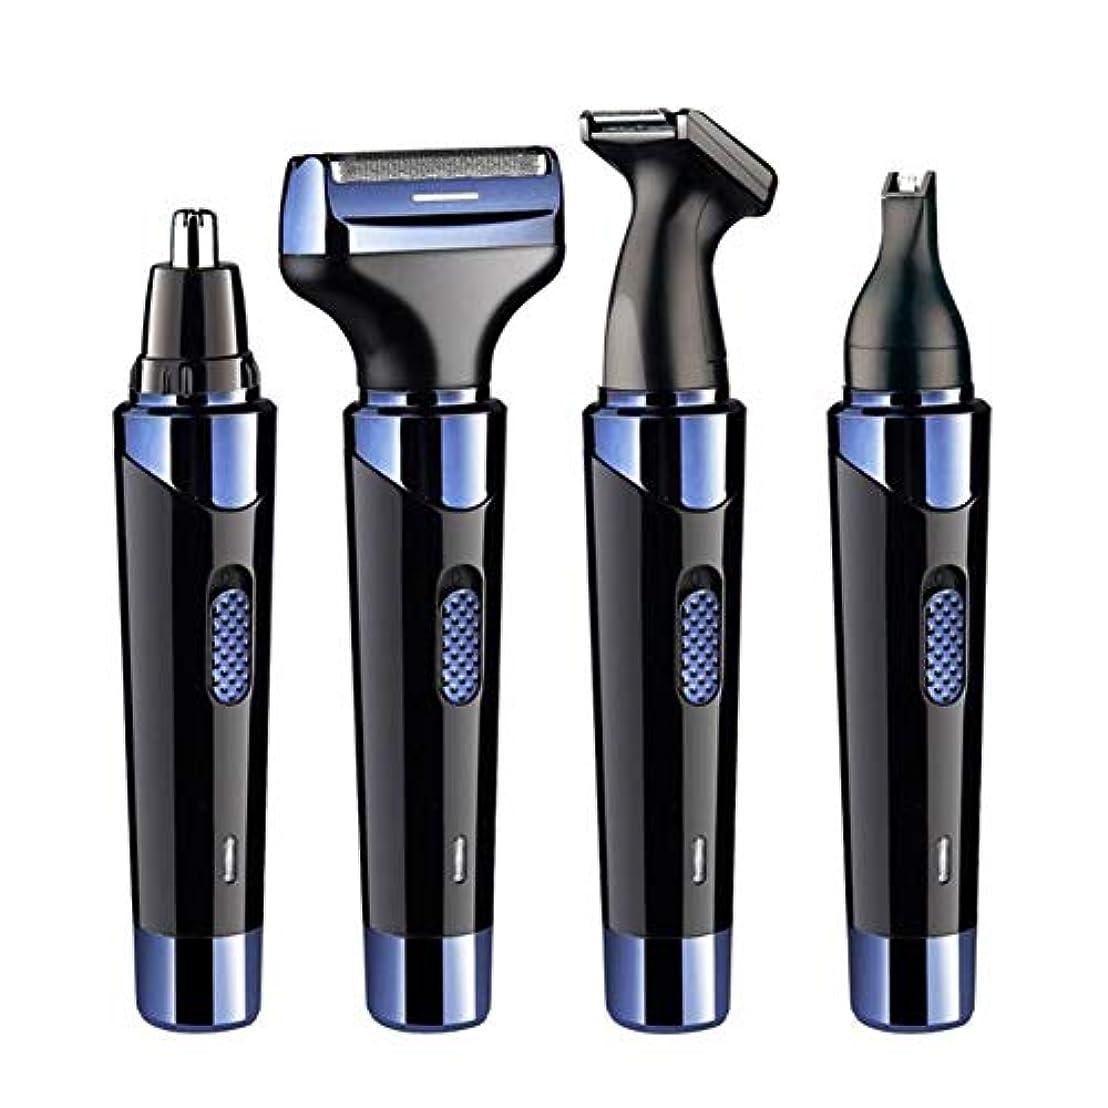 壊れた対称アヒル4イン1鼻毛トリマー、プロの痛みのない鼻/耳/眉毛/サイドバーンおよびフェイシャルヘアトリム、USB充電式、洗えるカッターヘッド、メンズギフト